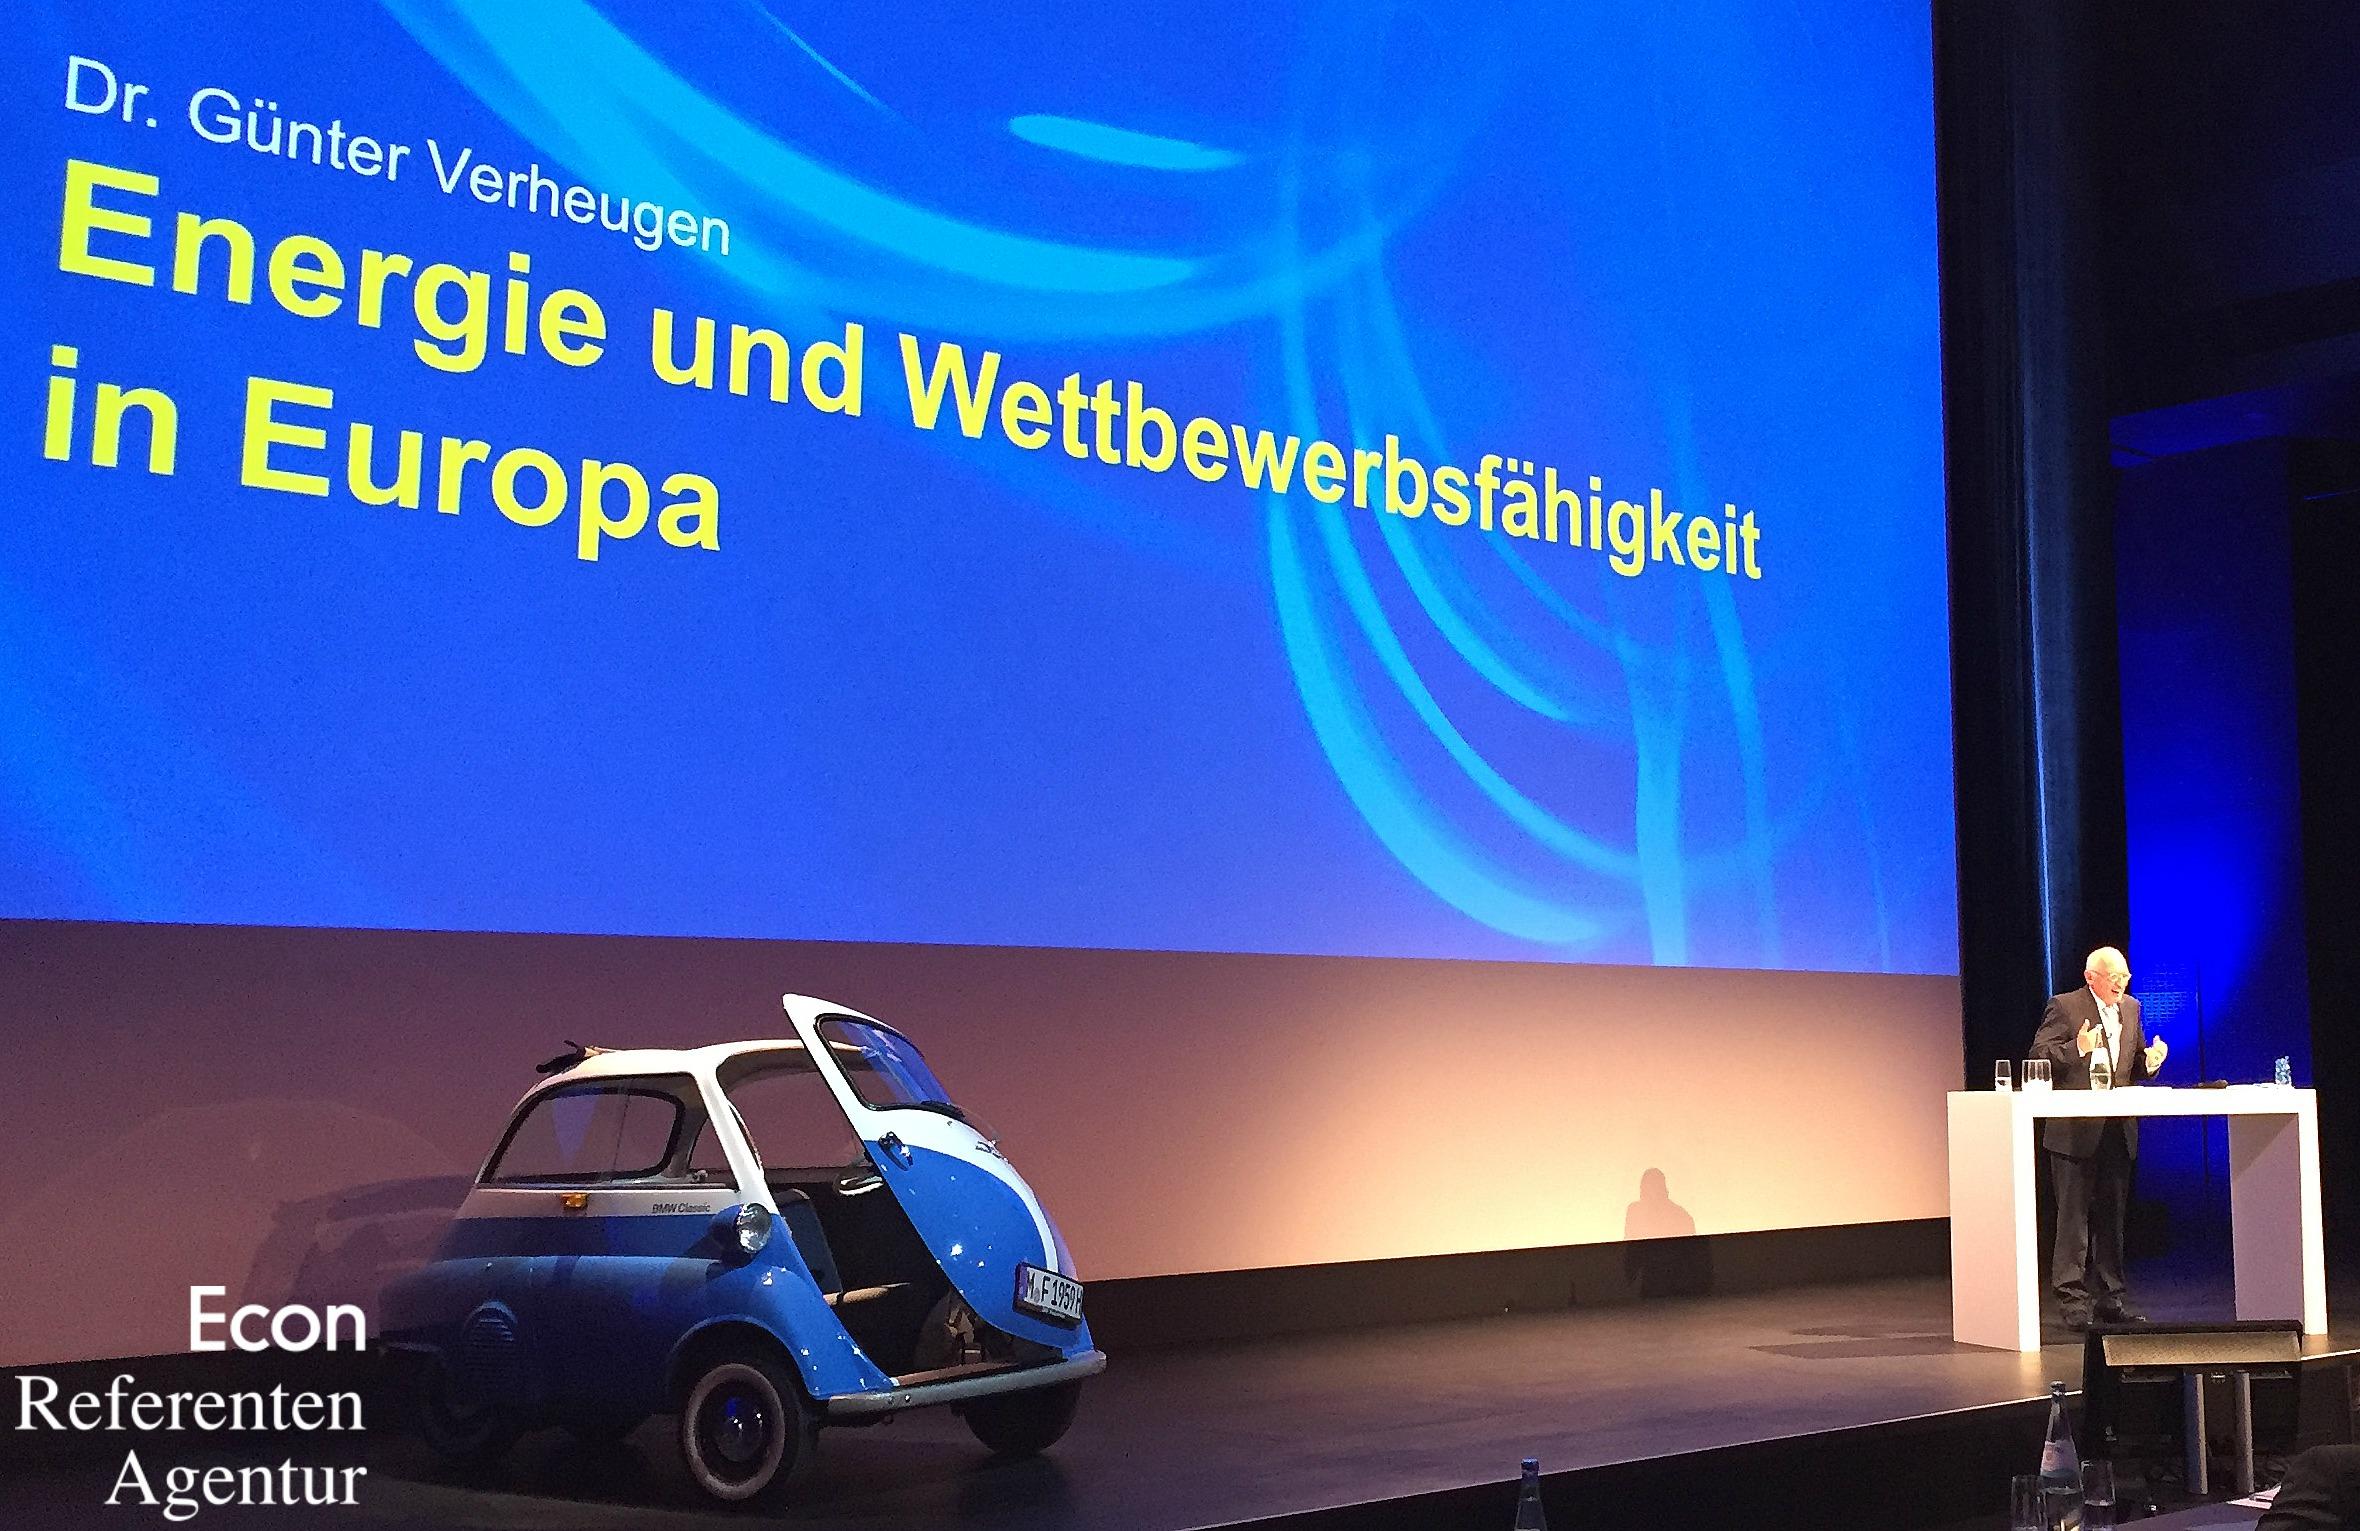 ECON Redner Guenter Verheugen Vortrag Energie und Wettbewerbsfaehigkeit in Europa 131016